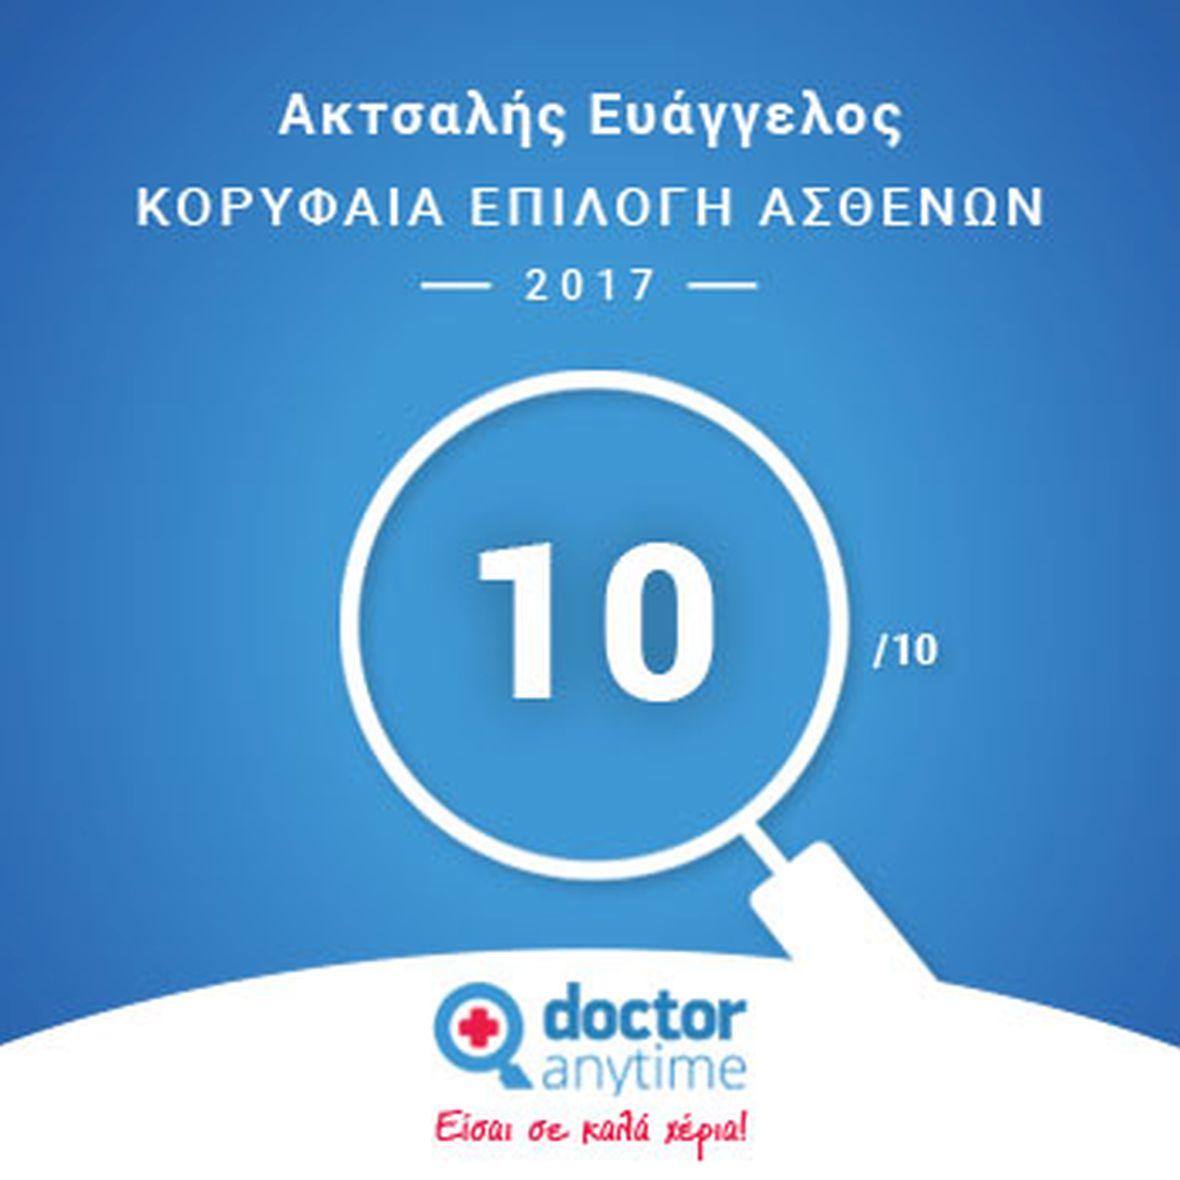 Στους κορυφαίους σε προτίμηση γιατρούς του Doctoranytime